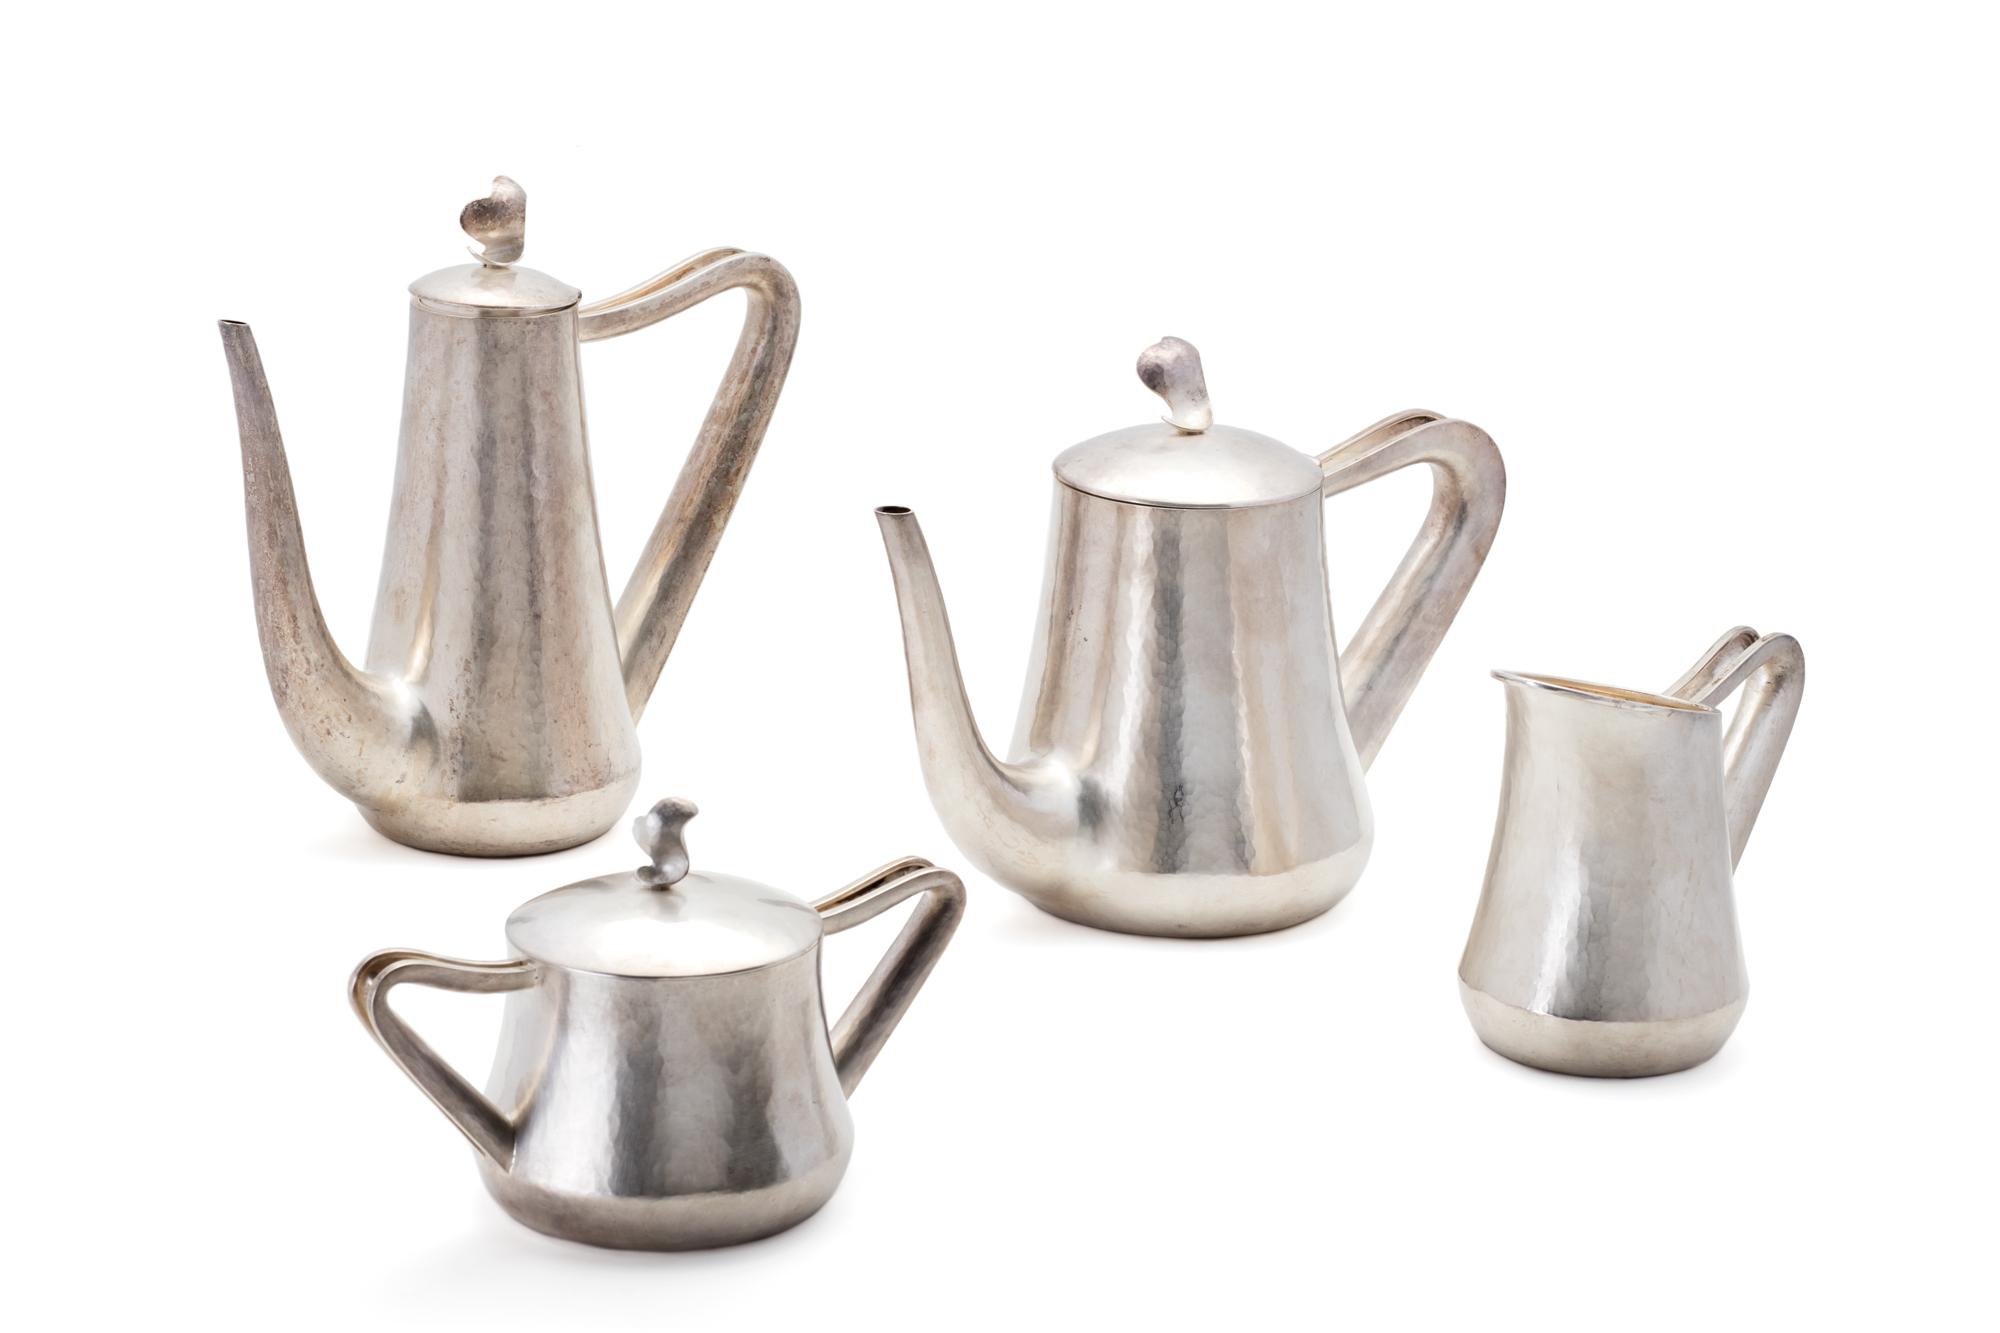 servizio da tè e caffè in argento, Italia XX secolo